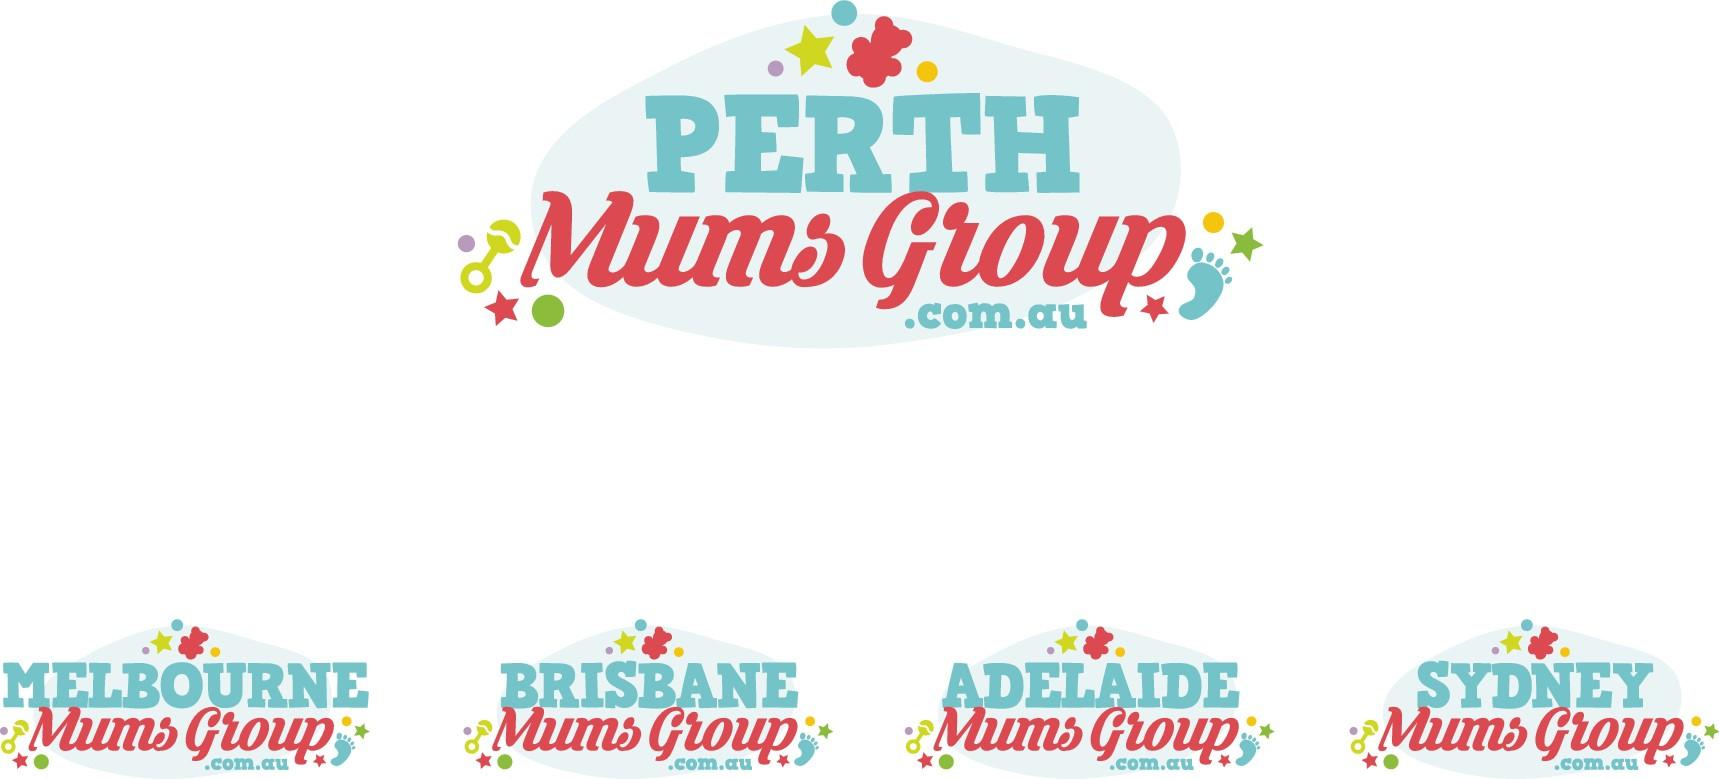 PerthMumsGroup.com.au